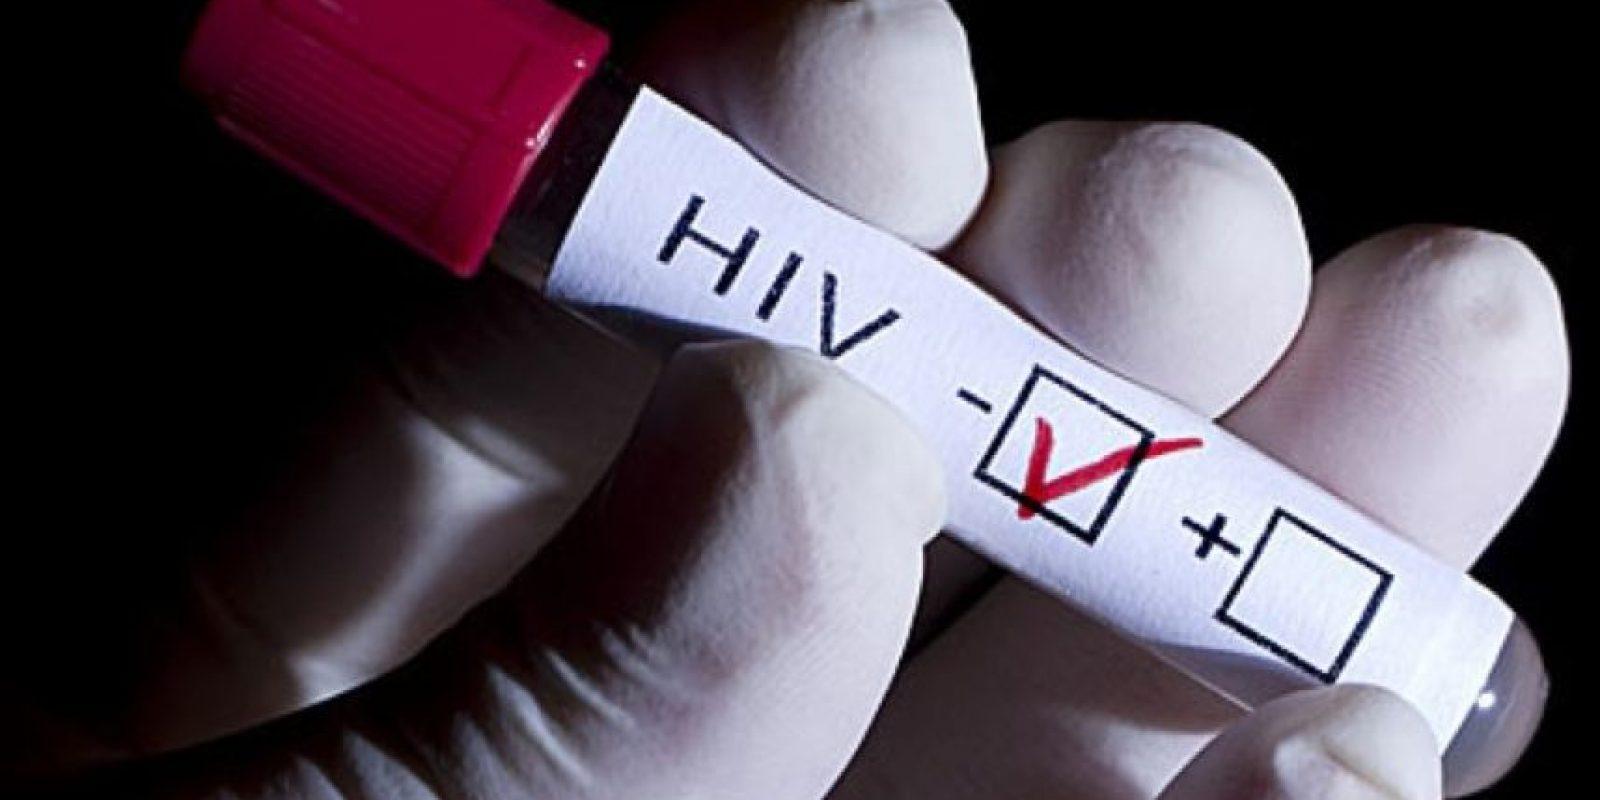 3. El VIH/SIDA es el agente infeccioso más mortífero del mundo. Hasta la fecha ha cobrado la vida de unos 30 millones de personas Foto:Tumblr.com/Tagged/VIH